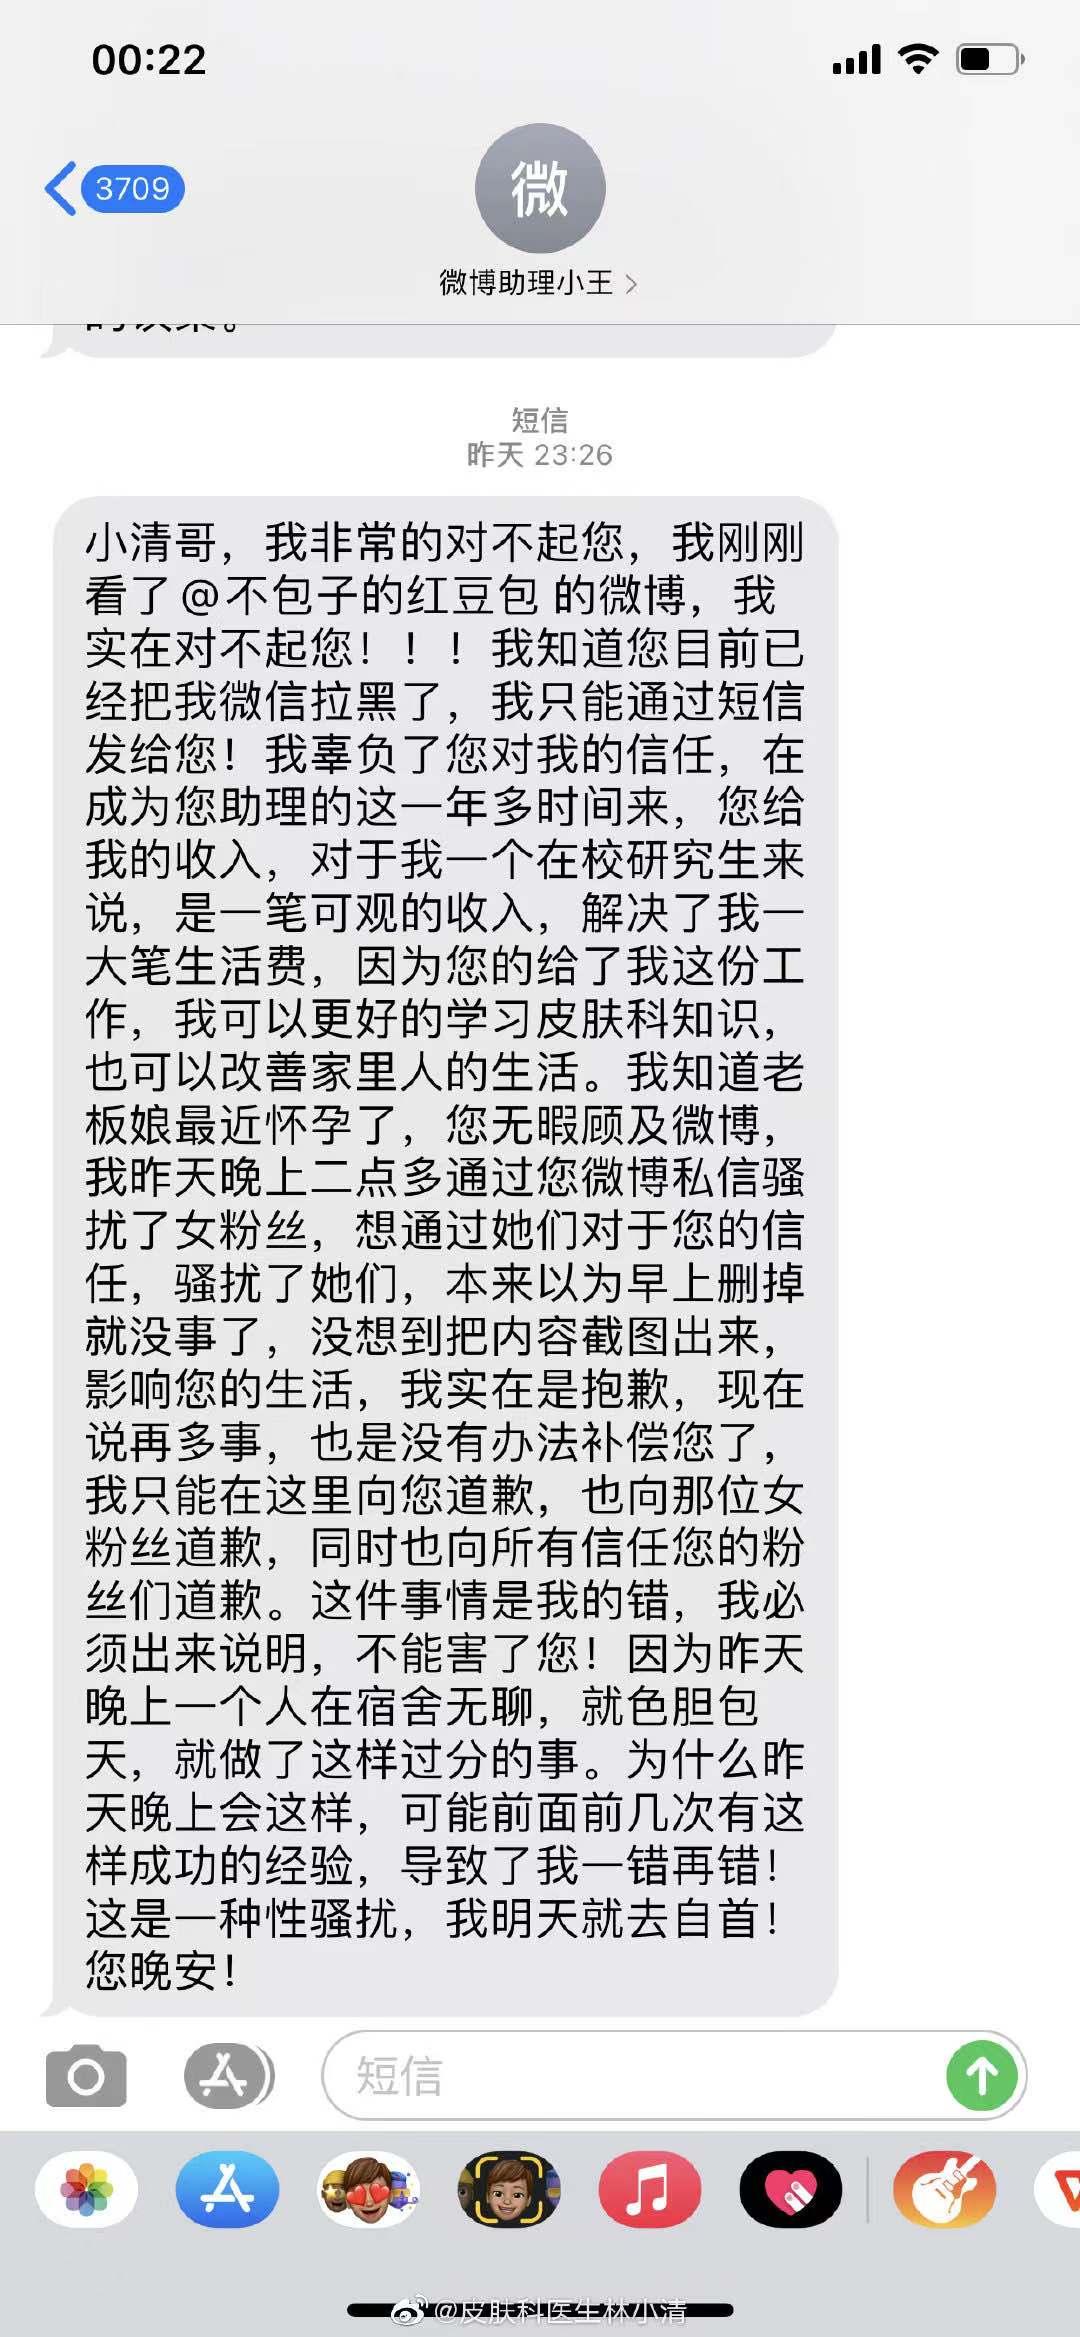 皮肤科医生林小清在微博晒出助理向自己道歉的图 图片来源:微博